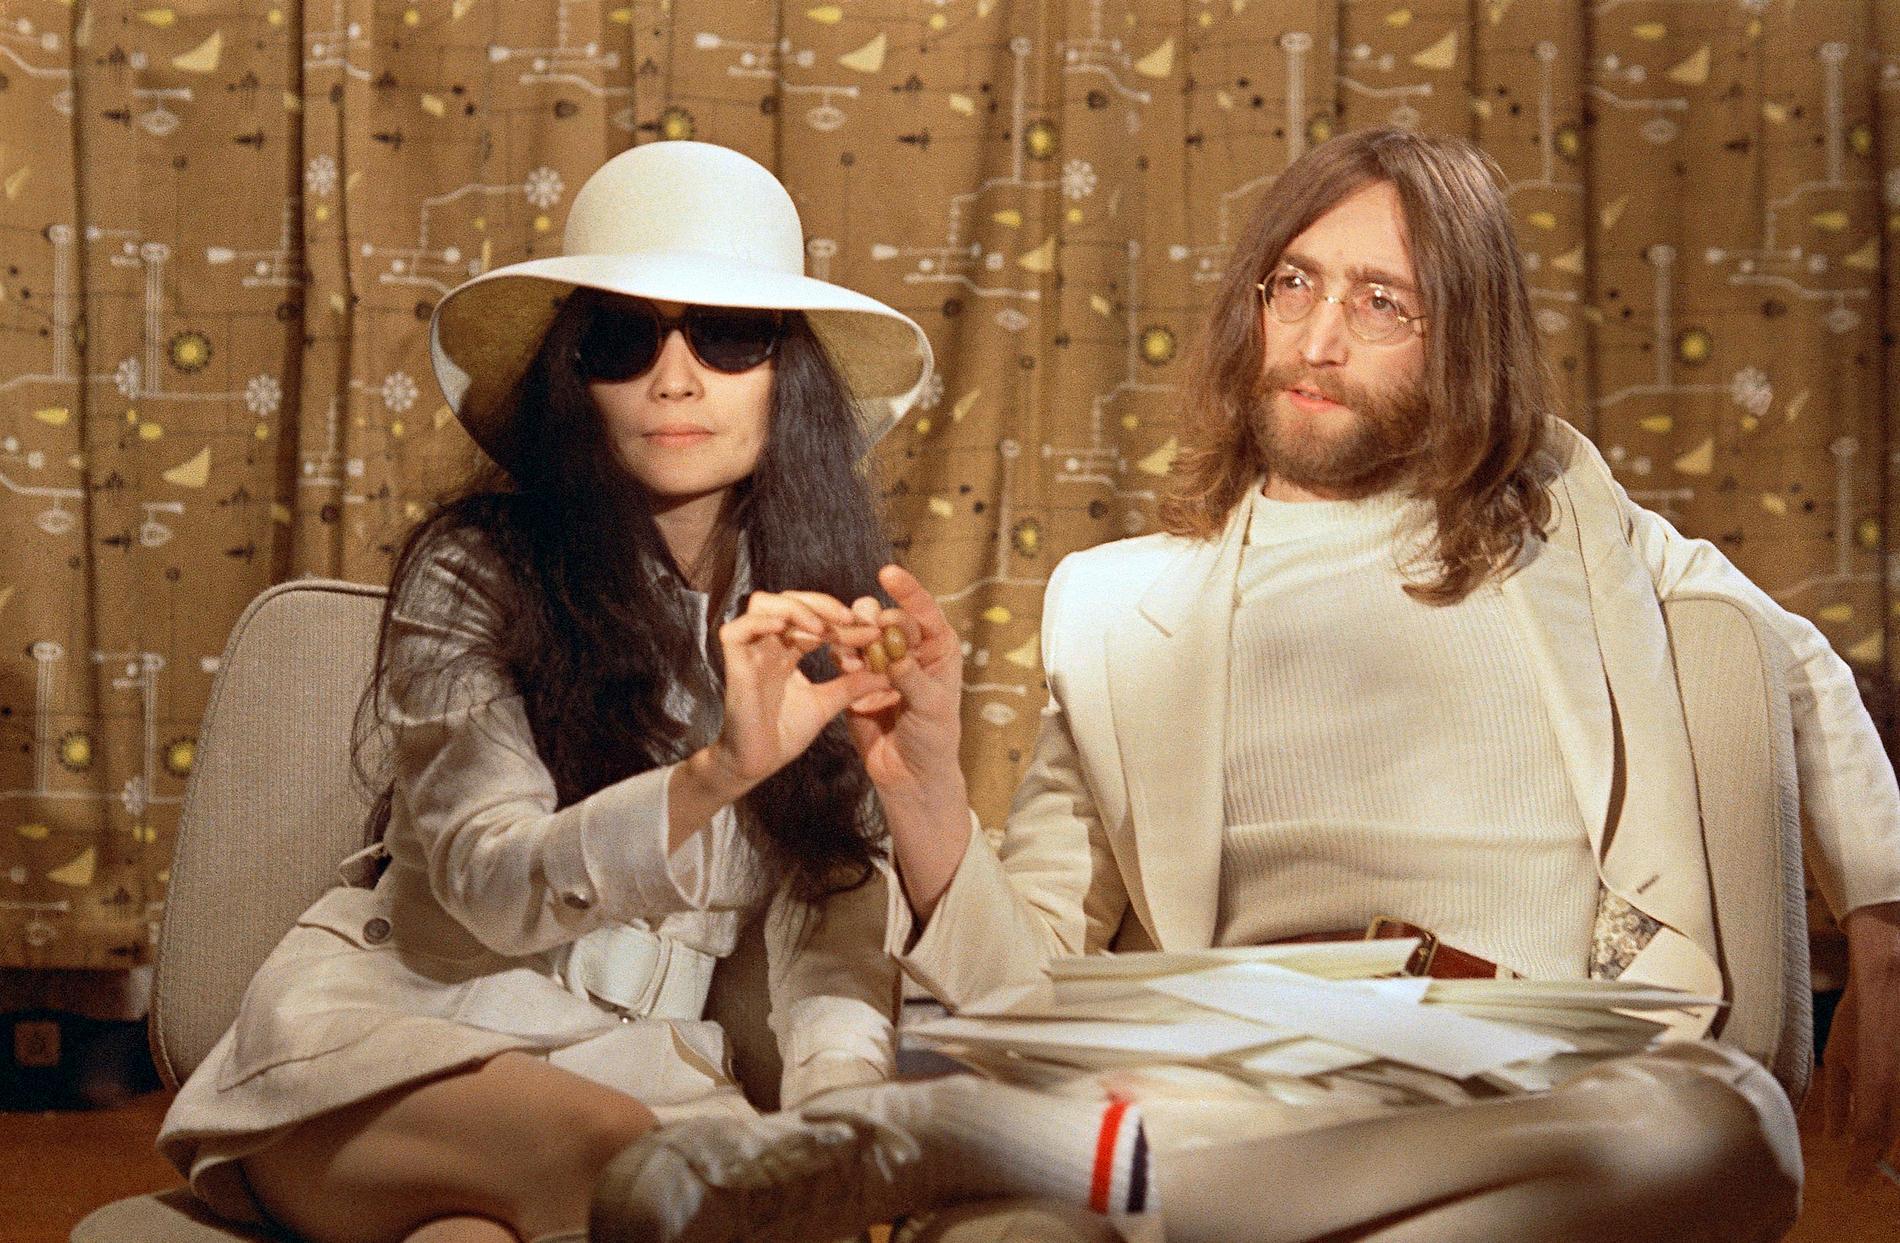 Äktenskapet mellan Ono och Lennon var tidvis väldigt turbulent.